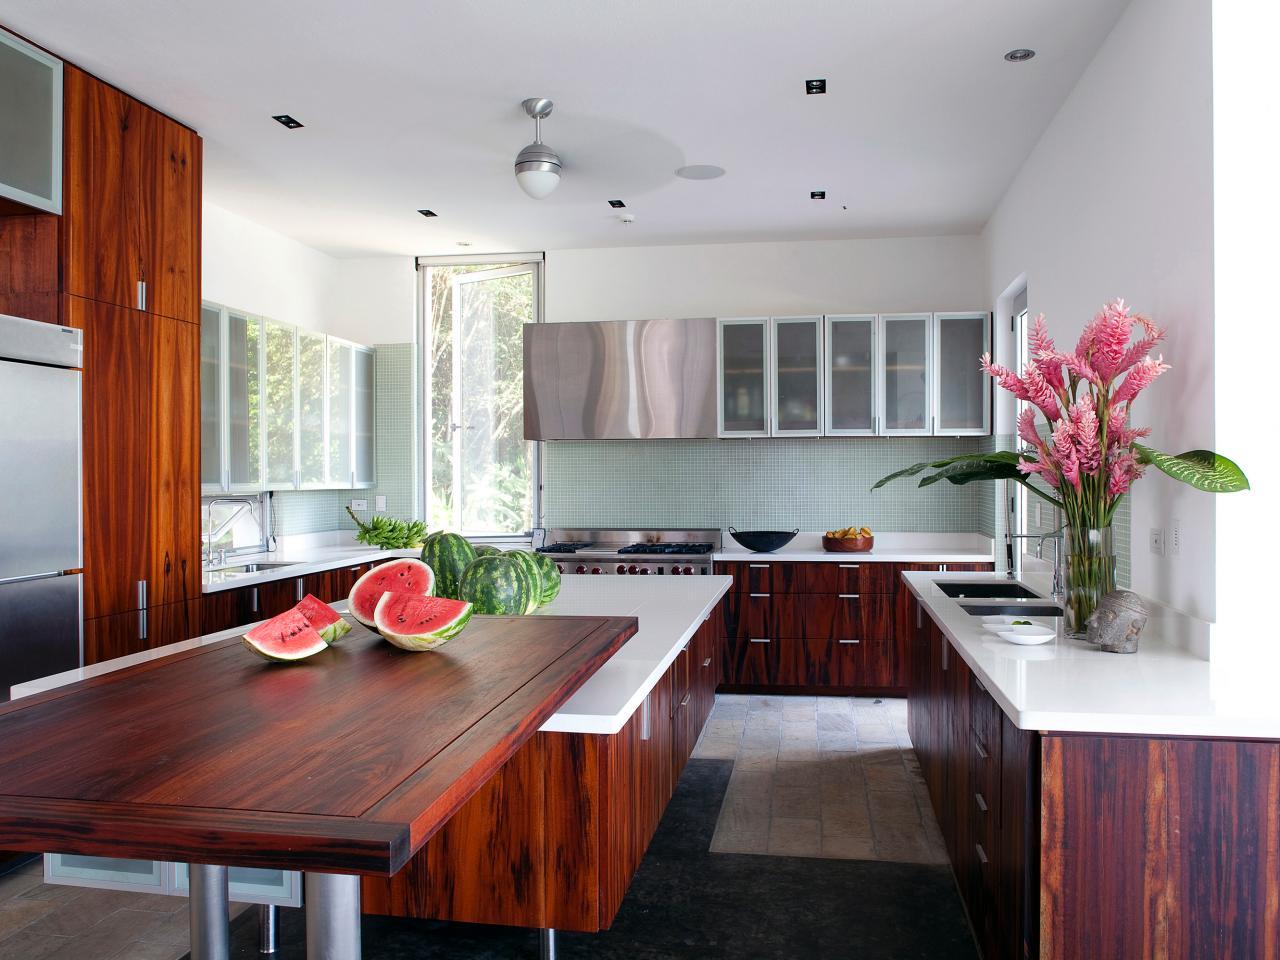 Деревянные кухонные столешницы из темной древесины - фото 3